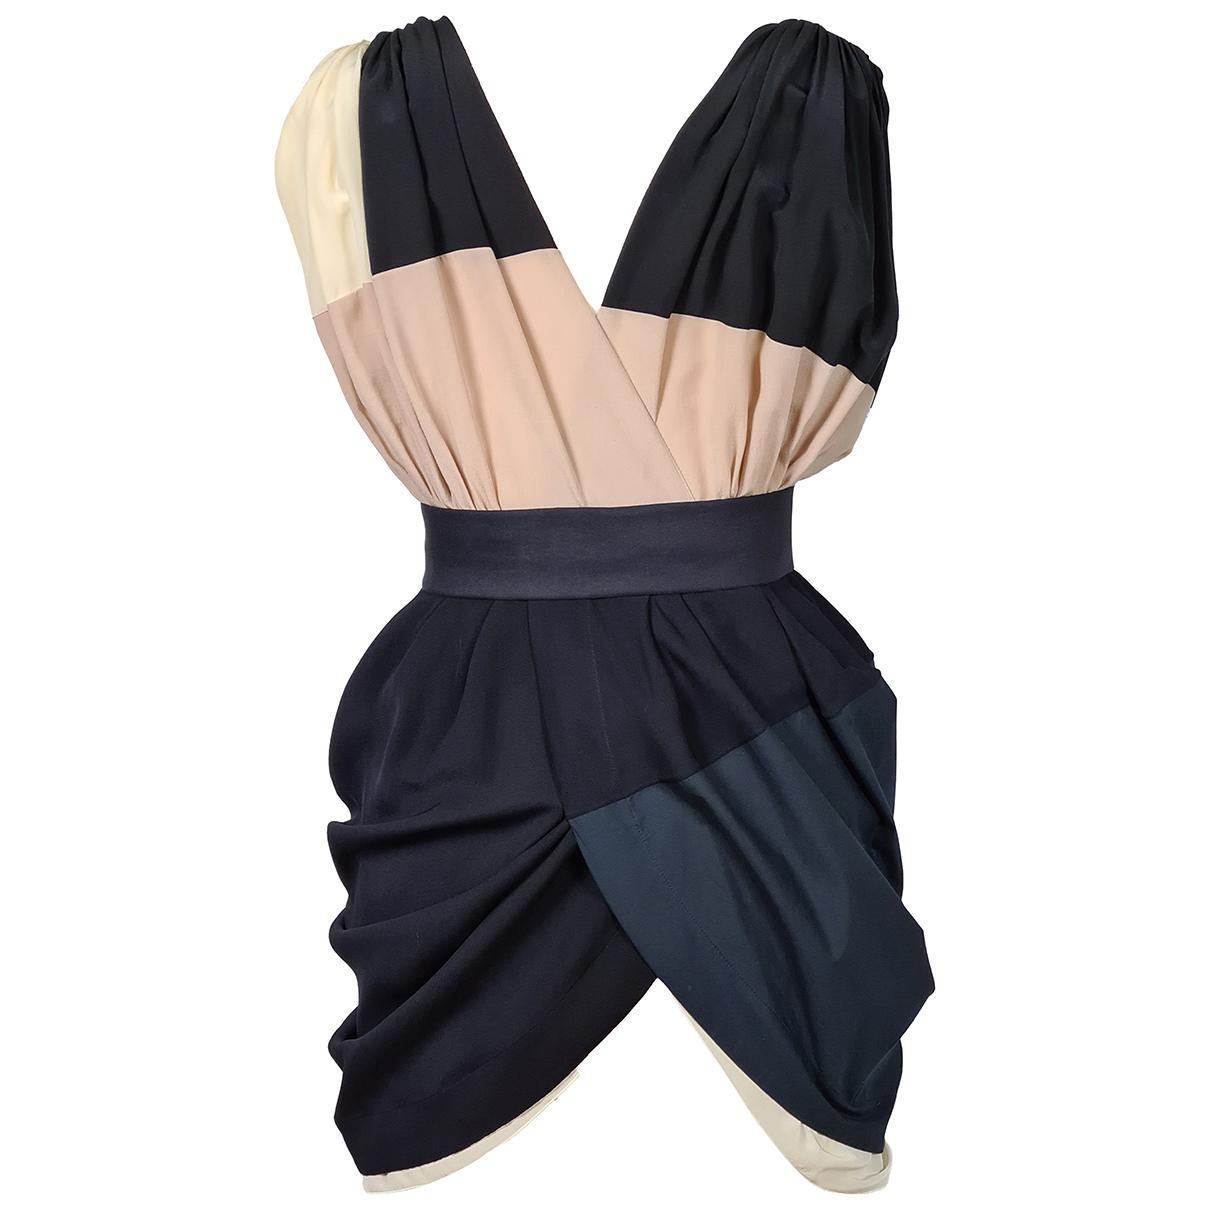 Vionnet - Robe   pour femme en soie - multicolore